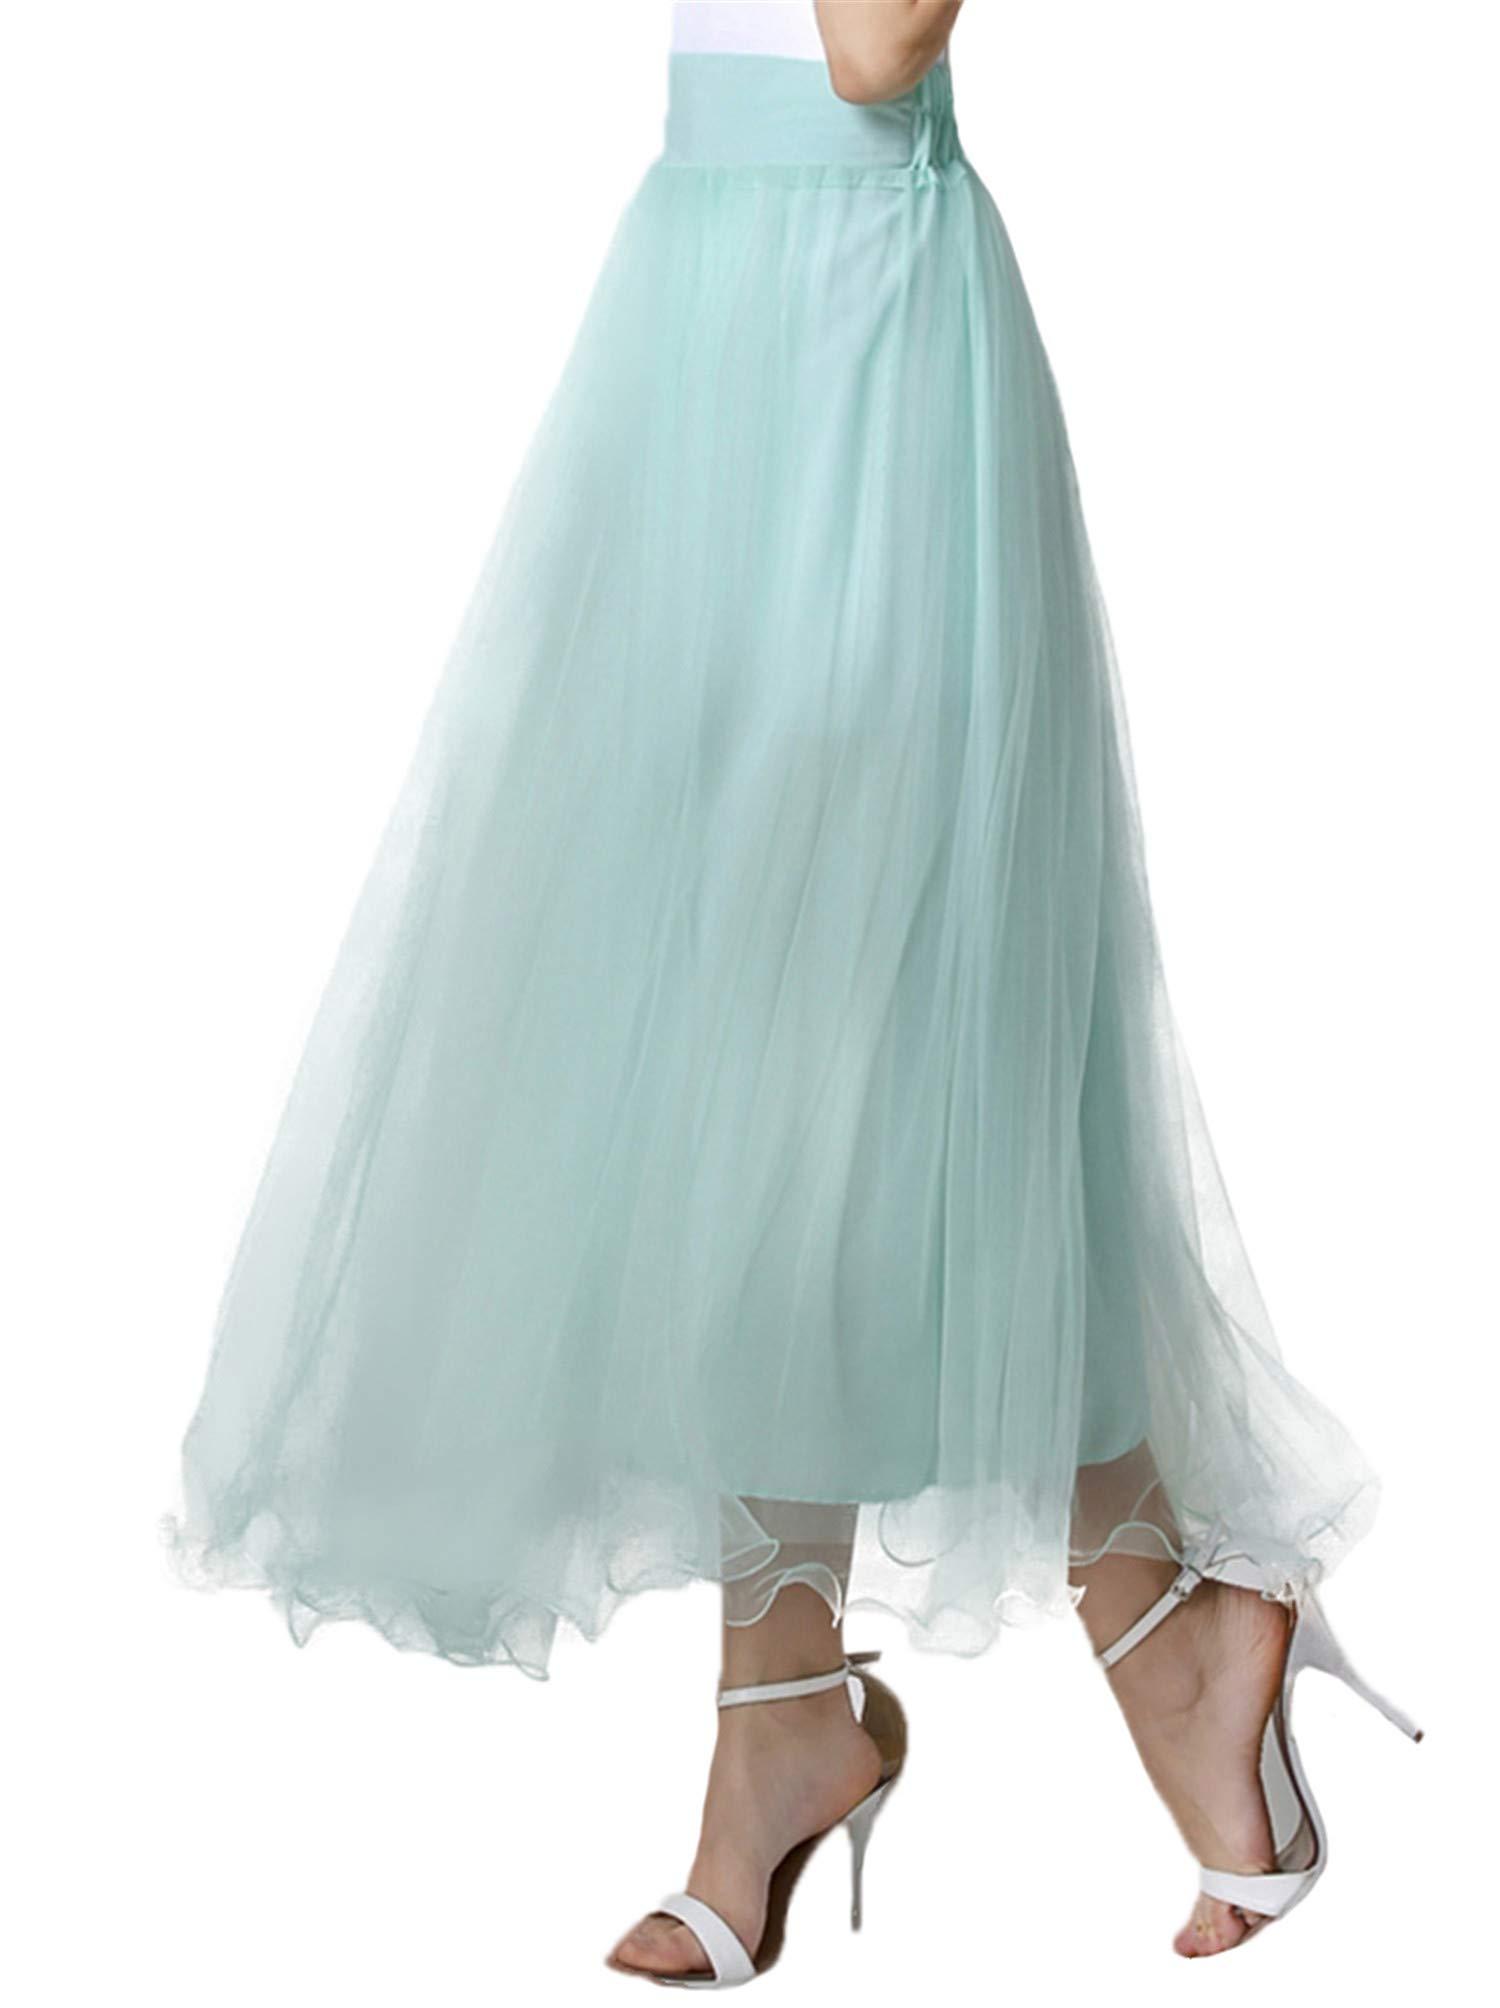 Long Skirt,Women Elastic Waist Floor Length Full Ankle Blending Summer Beachwear Dress Long Maxi Skirt (Medium, Mint)